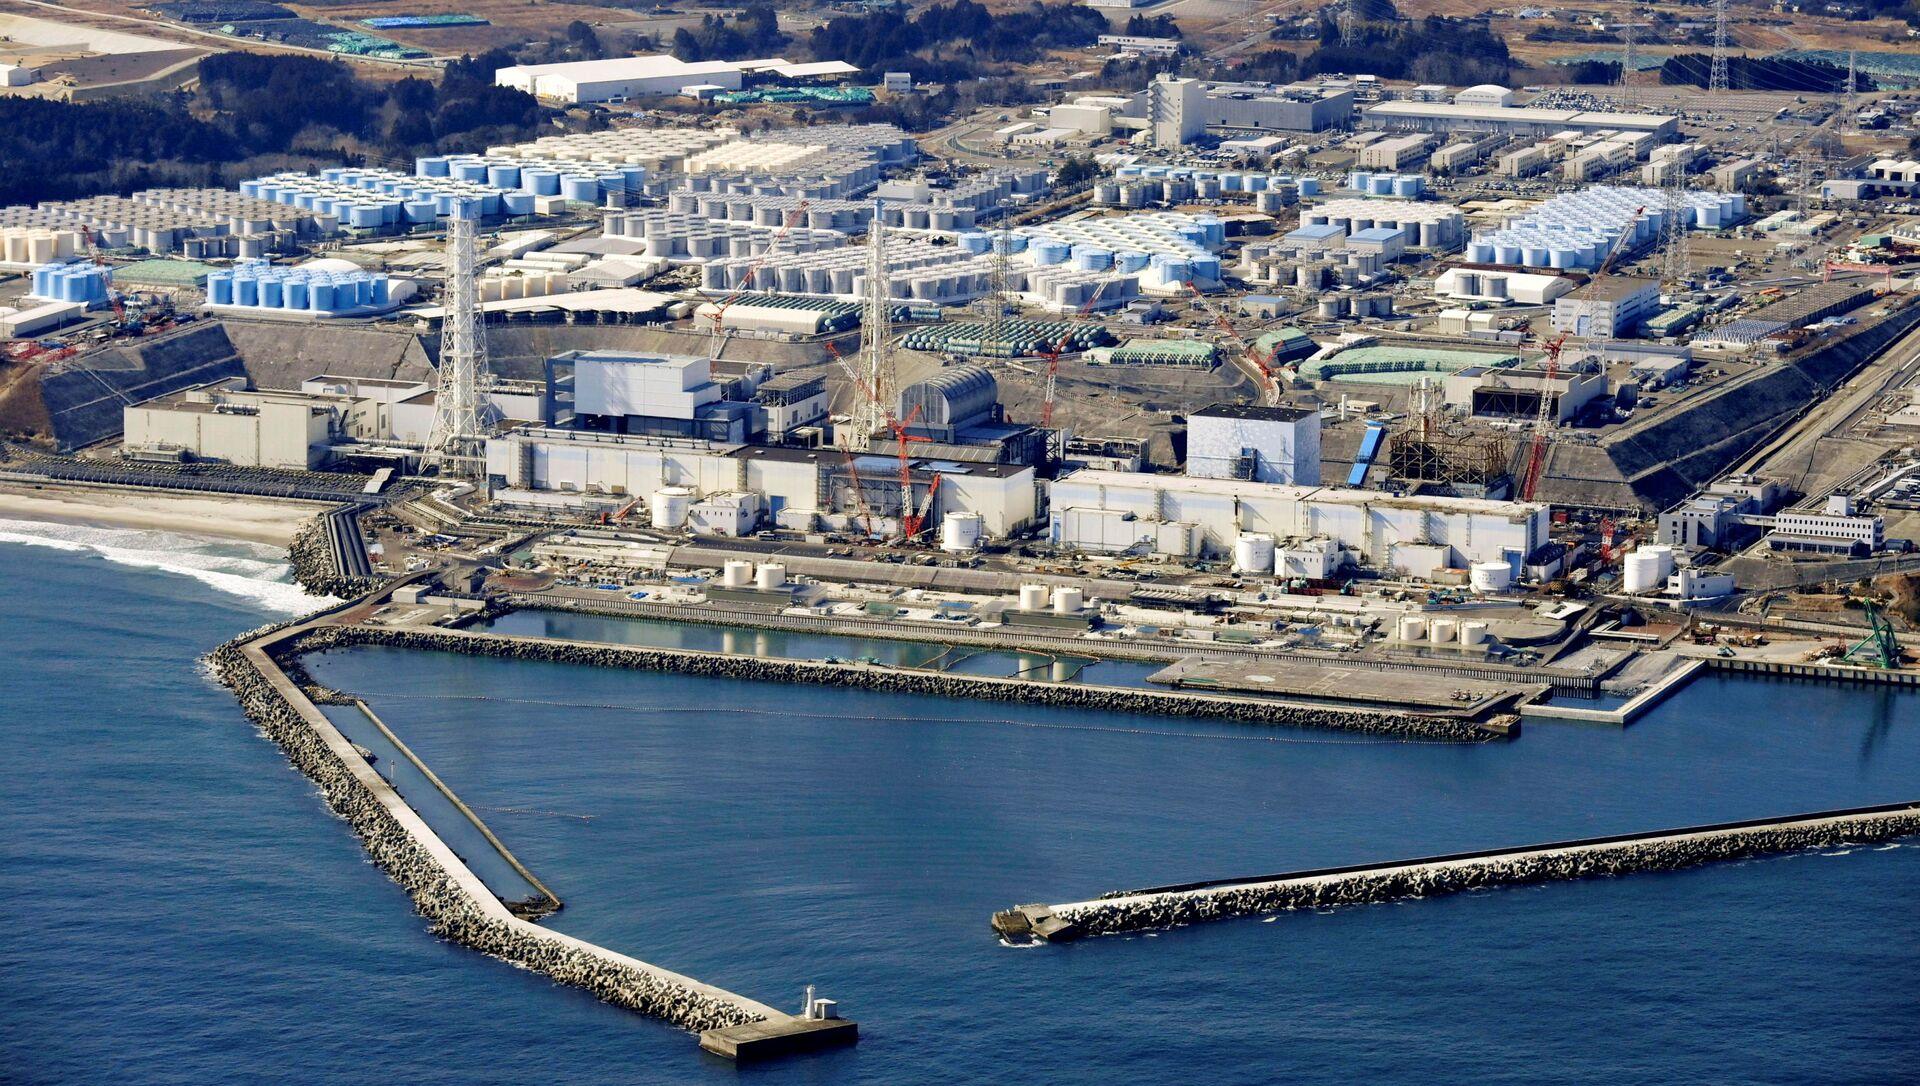 Ảnh chụp từ trên không cho thấy các bể chứa nước đã qua xử lý tại nhà máy điện hạt nhân Fukushima Daiichi bị sóng thần ở thị trấn Okuma, tỉnh Fukushima, Nhật Bản ngày 13 tháng 2 năm 2021, trong bức ảnh này do Kyodo chụp. - Sputnik Việt Nam, 1920, 14.04.2021